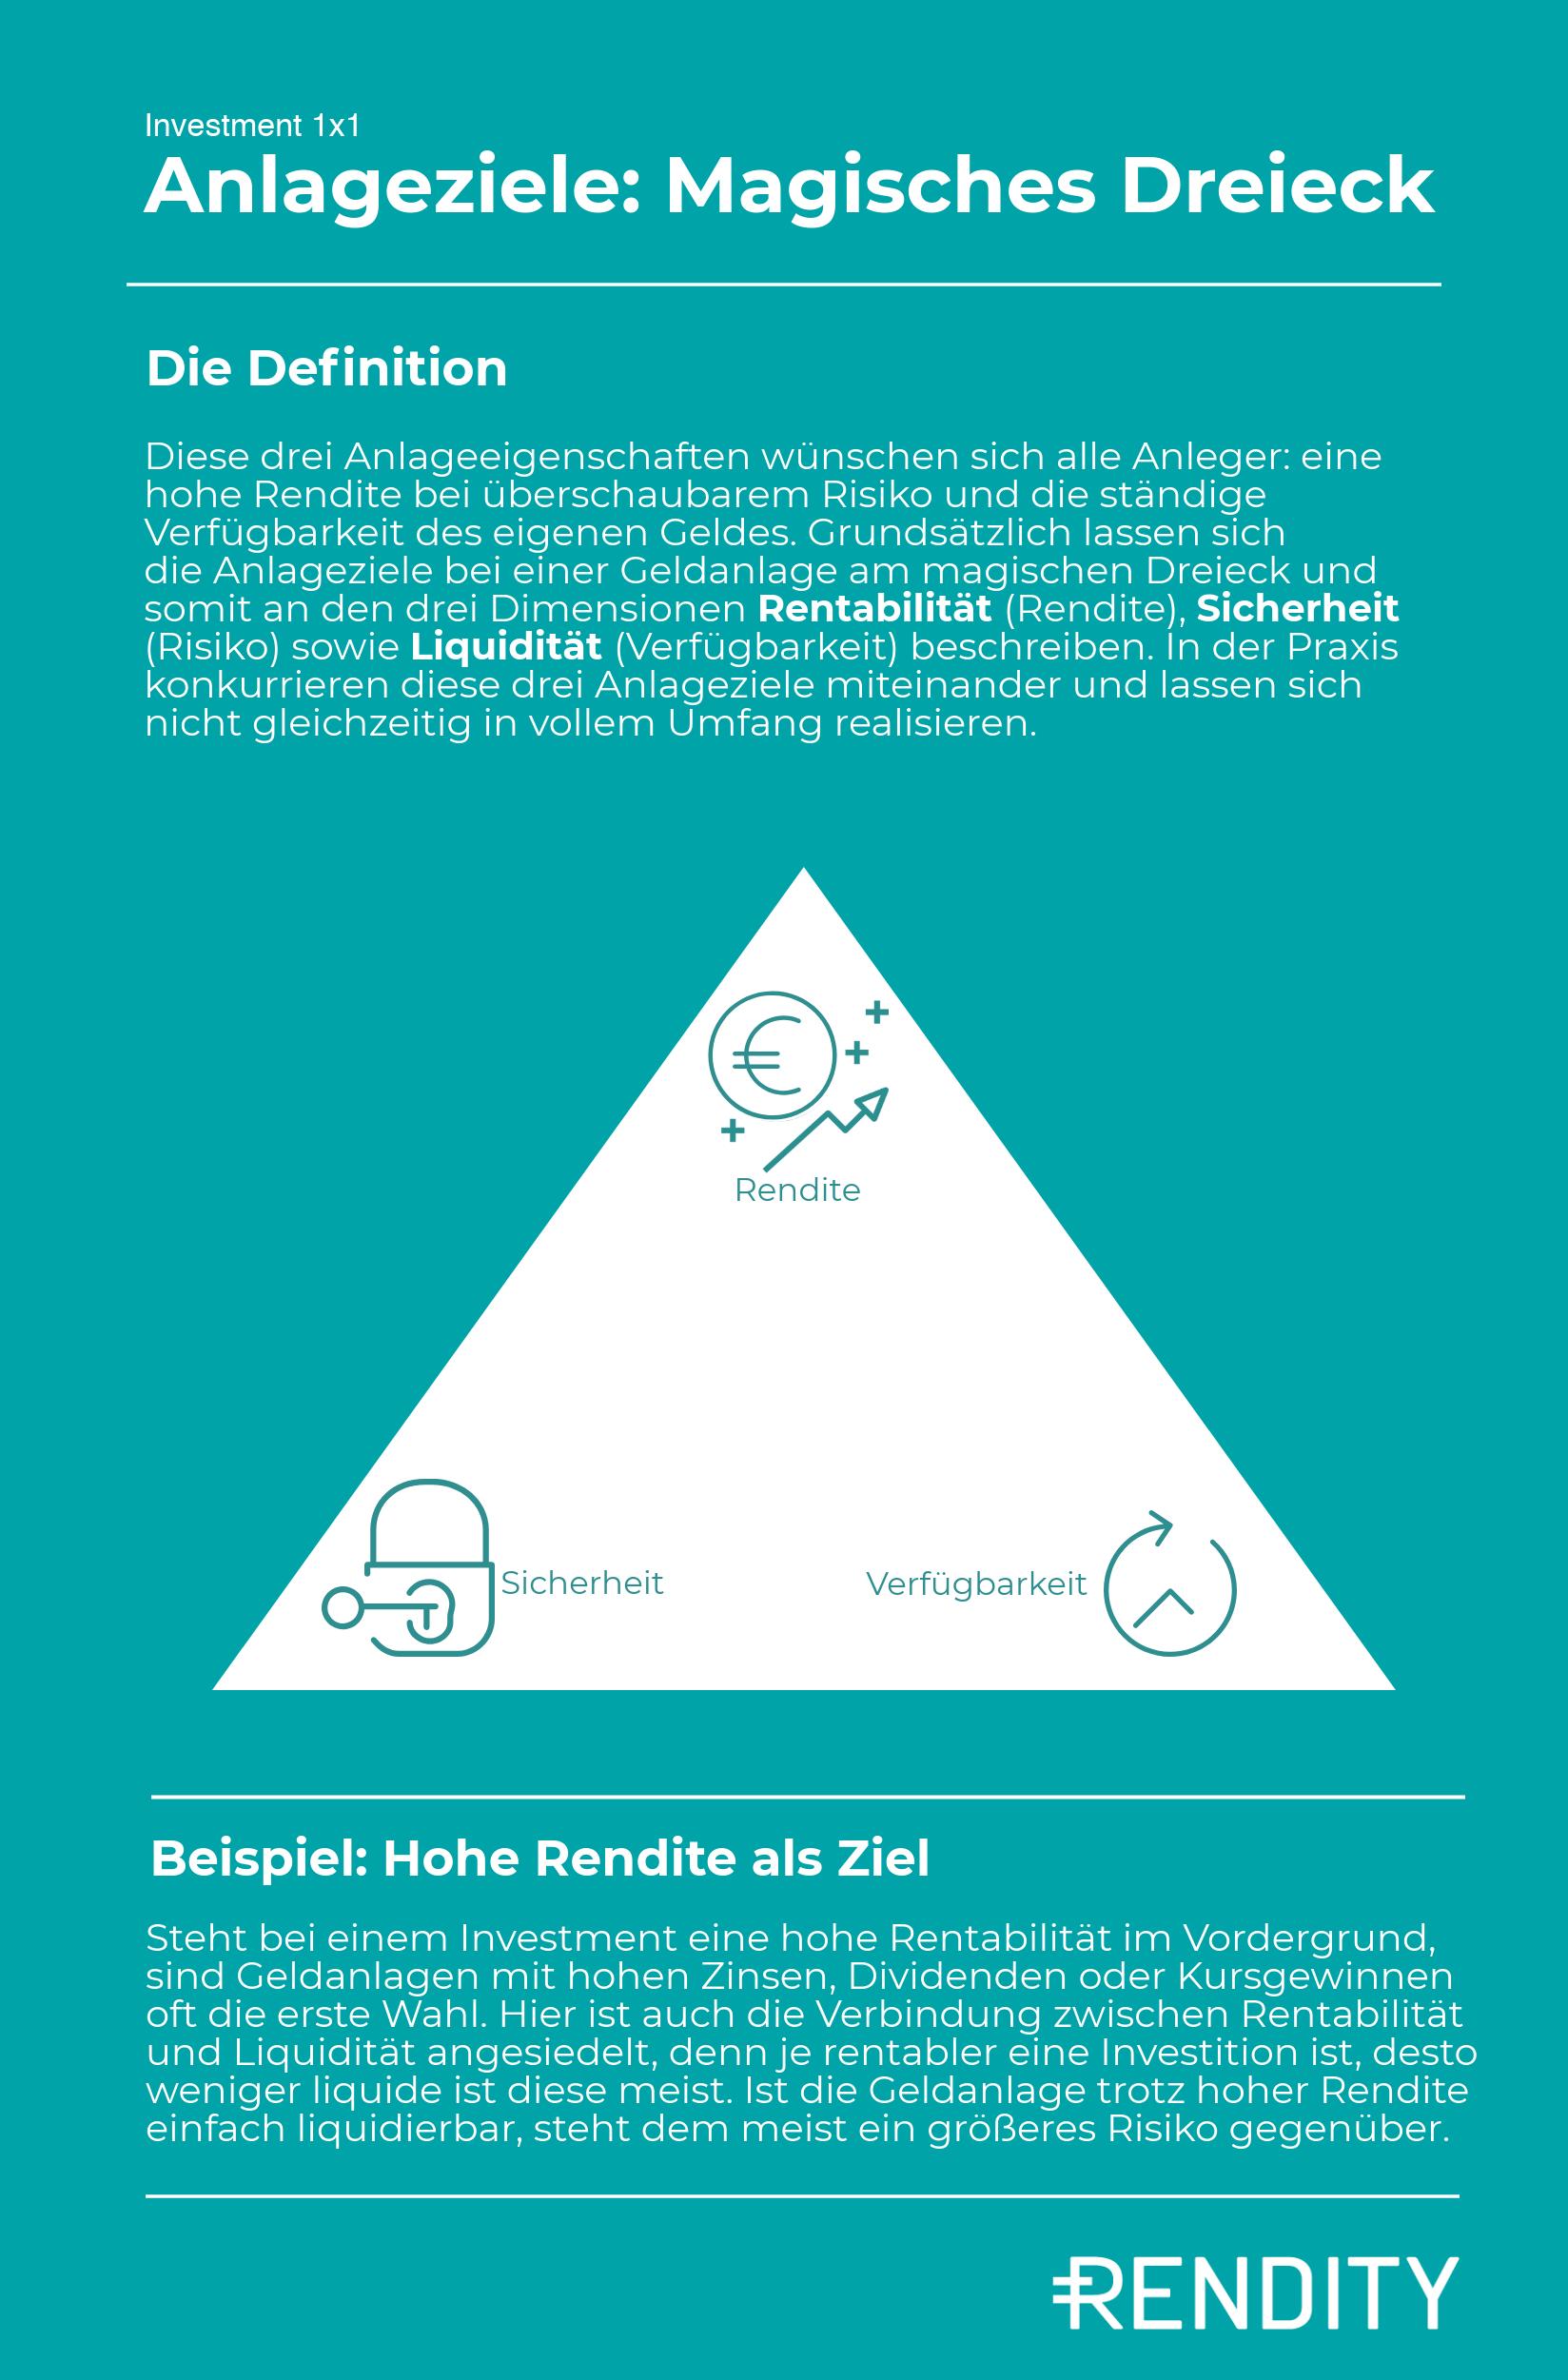 Das magische Dreieck der Anlageziele zur Diversifikation